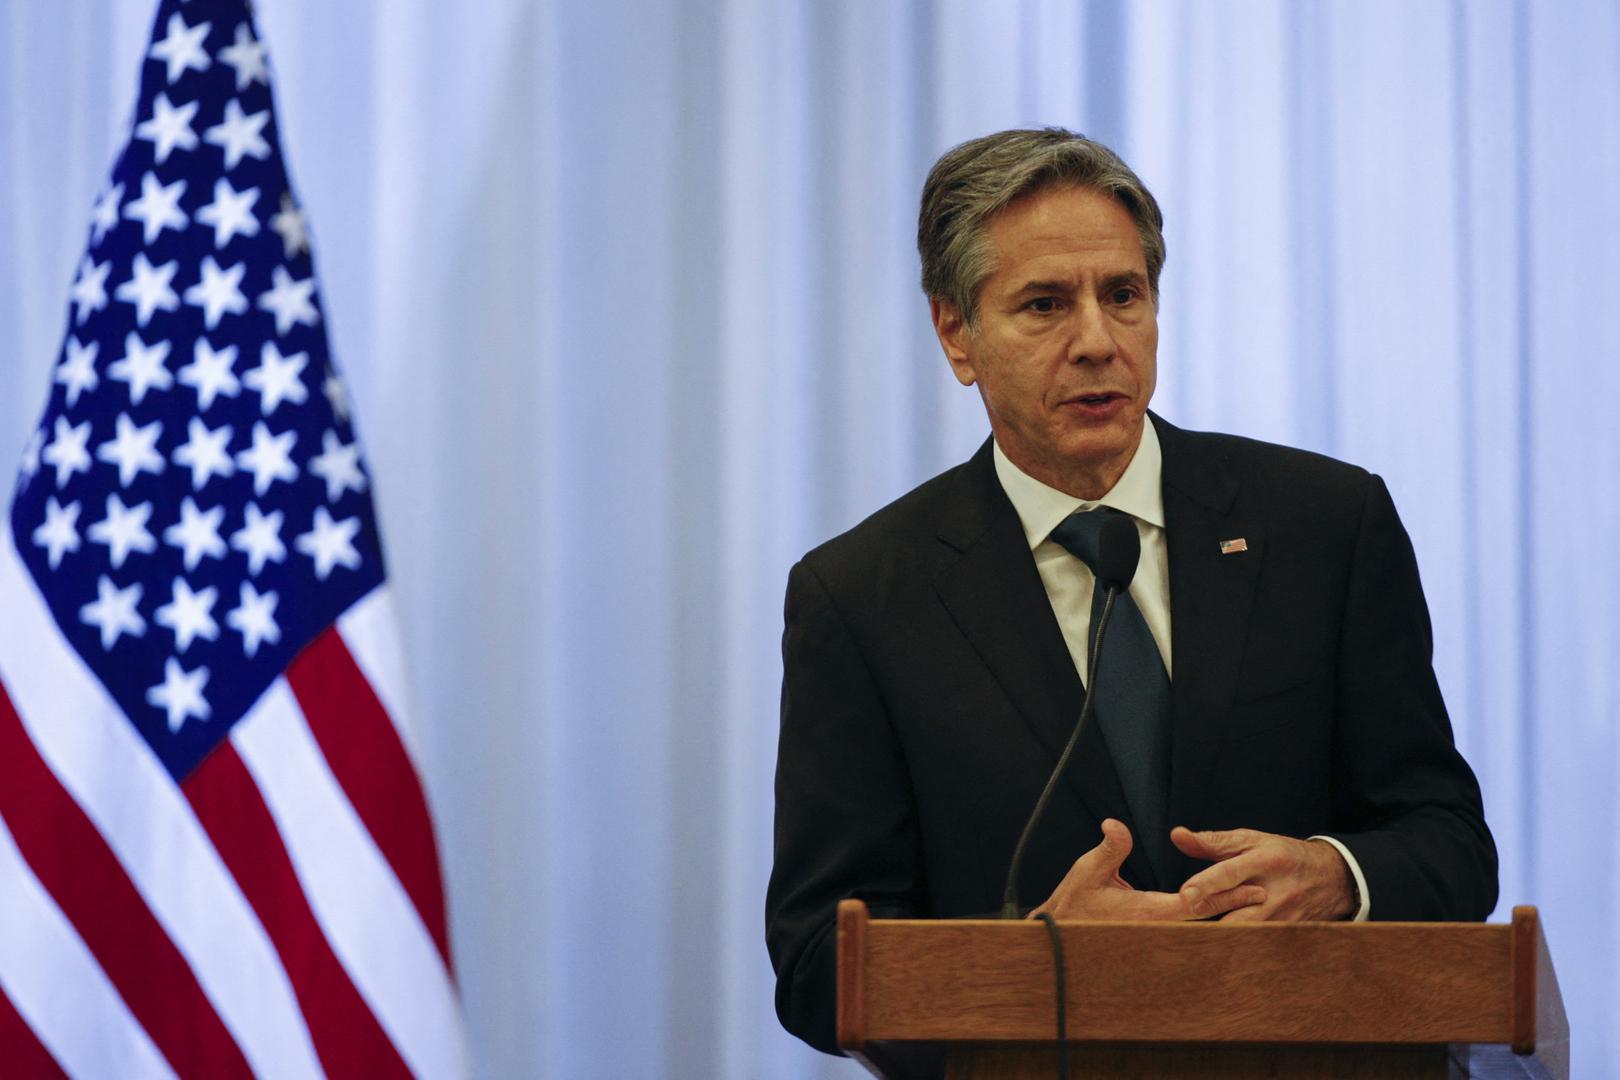 وزير الخارجية الأمريكي، أنتوني بلينكن.